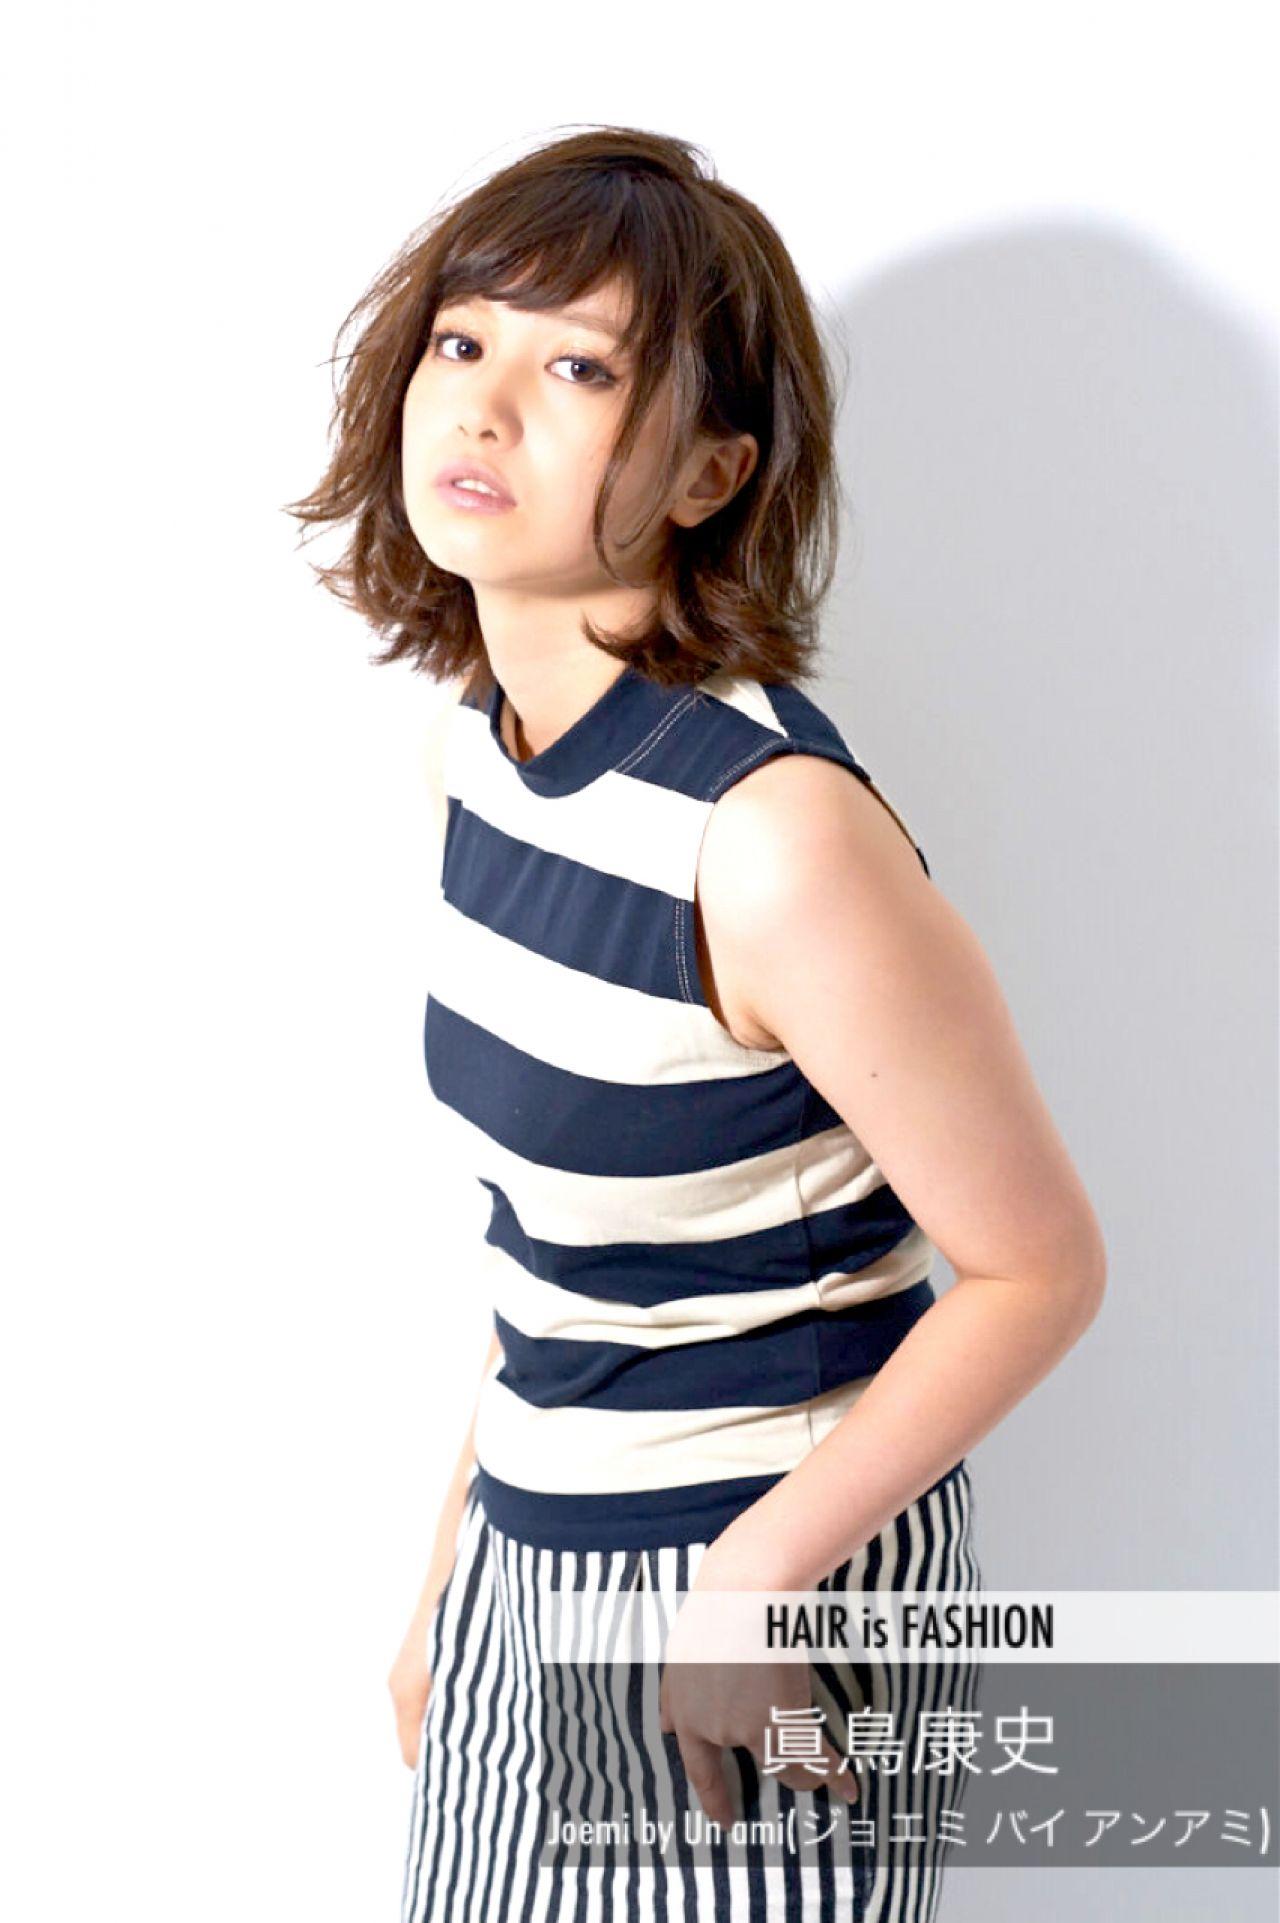 ミディアム パンク ウェットヘア ボブ ヘアスタイルや髪型の写真・画像